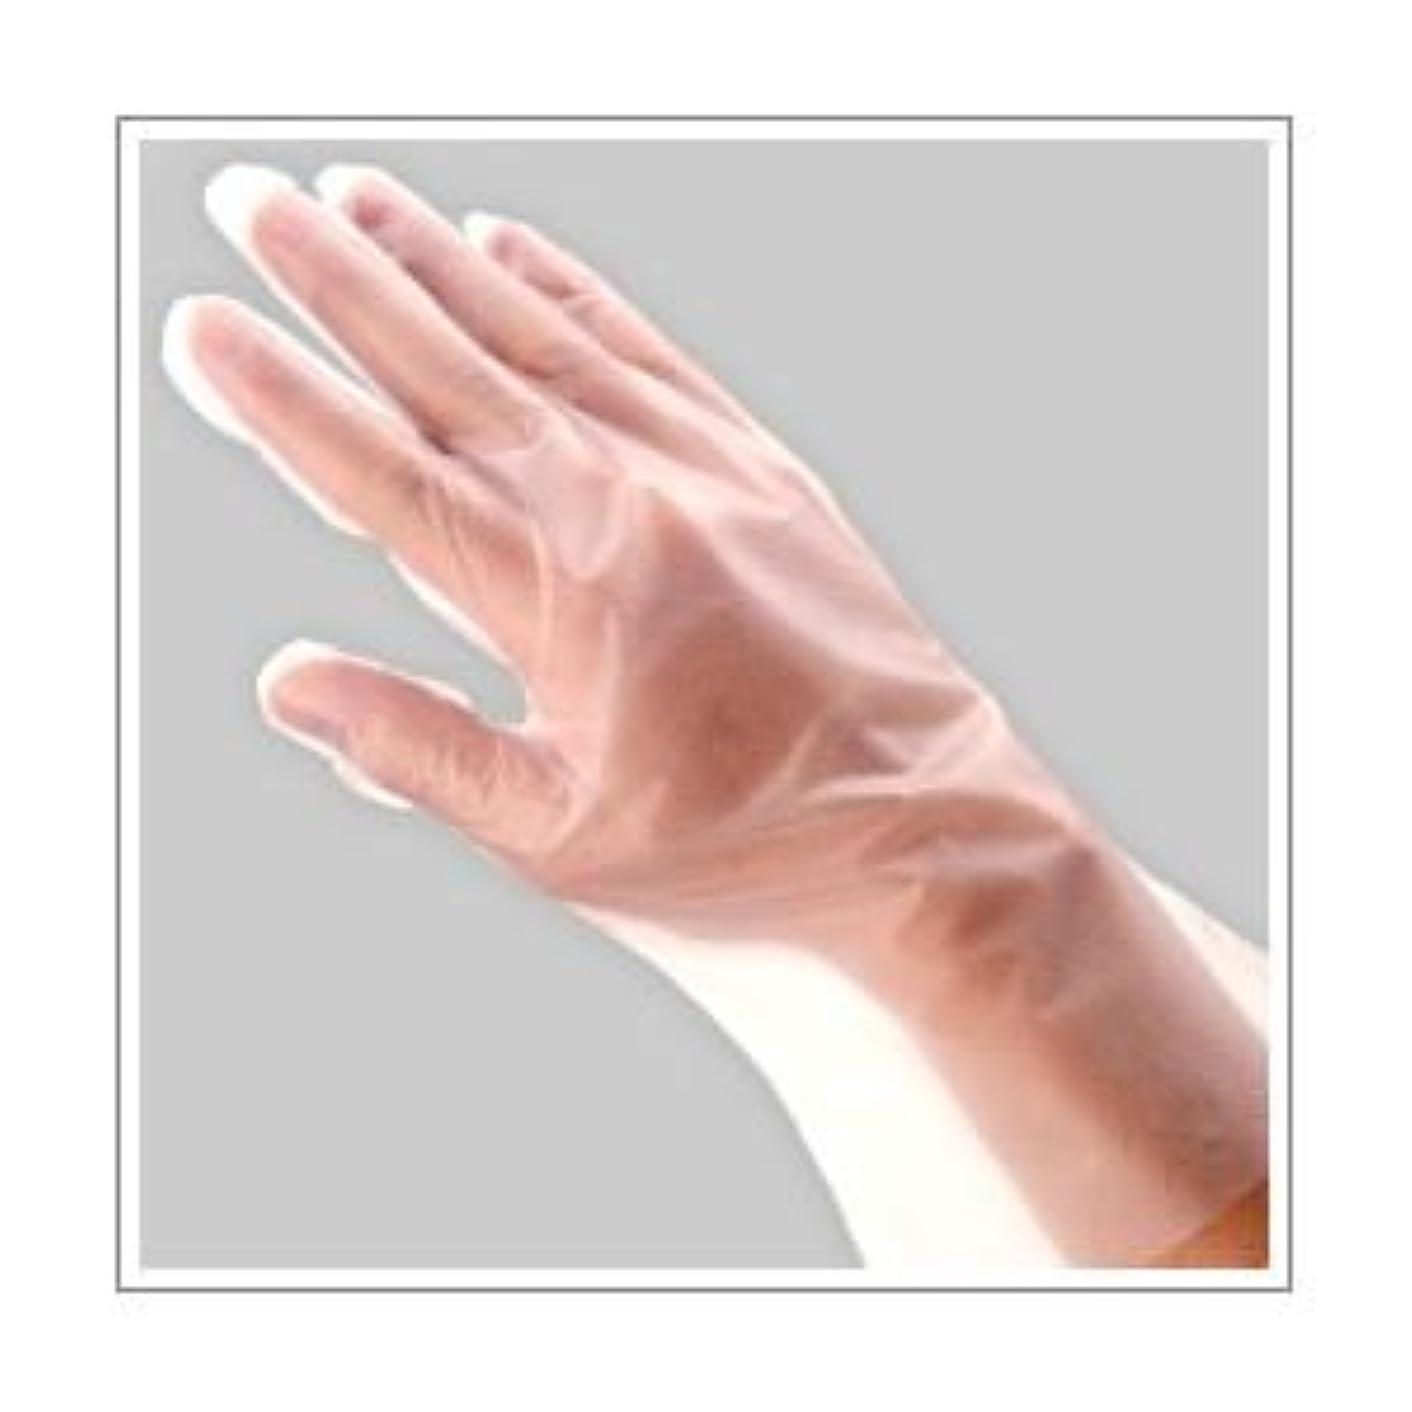 有用乱雑な広々(業務用セット) 福助工業 ポリ手袋 指フィット 100枚パック M 【×10セット】 dS-1640684